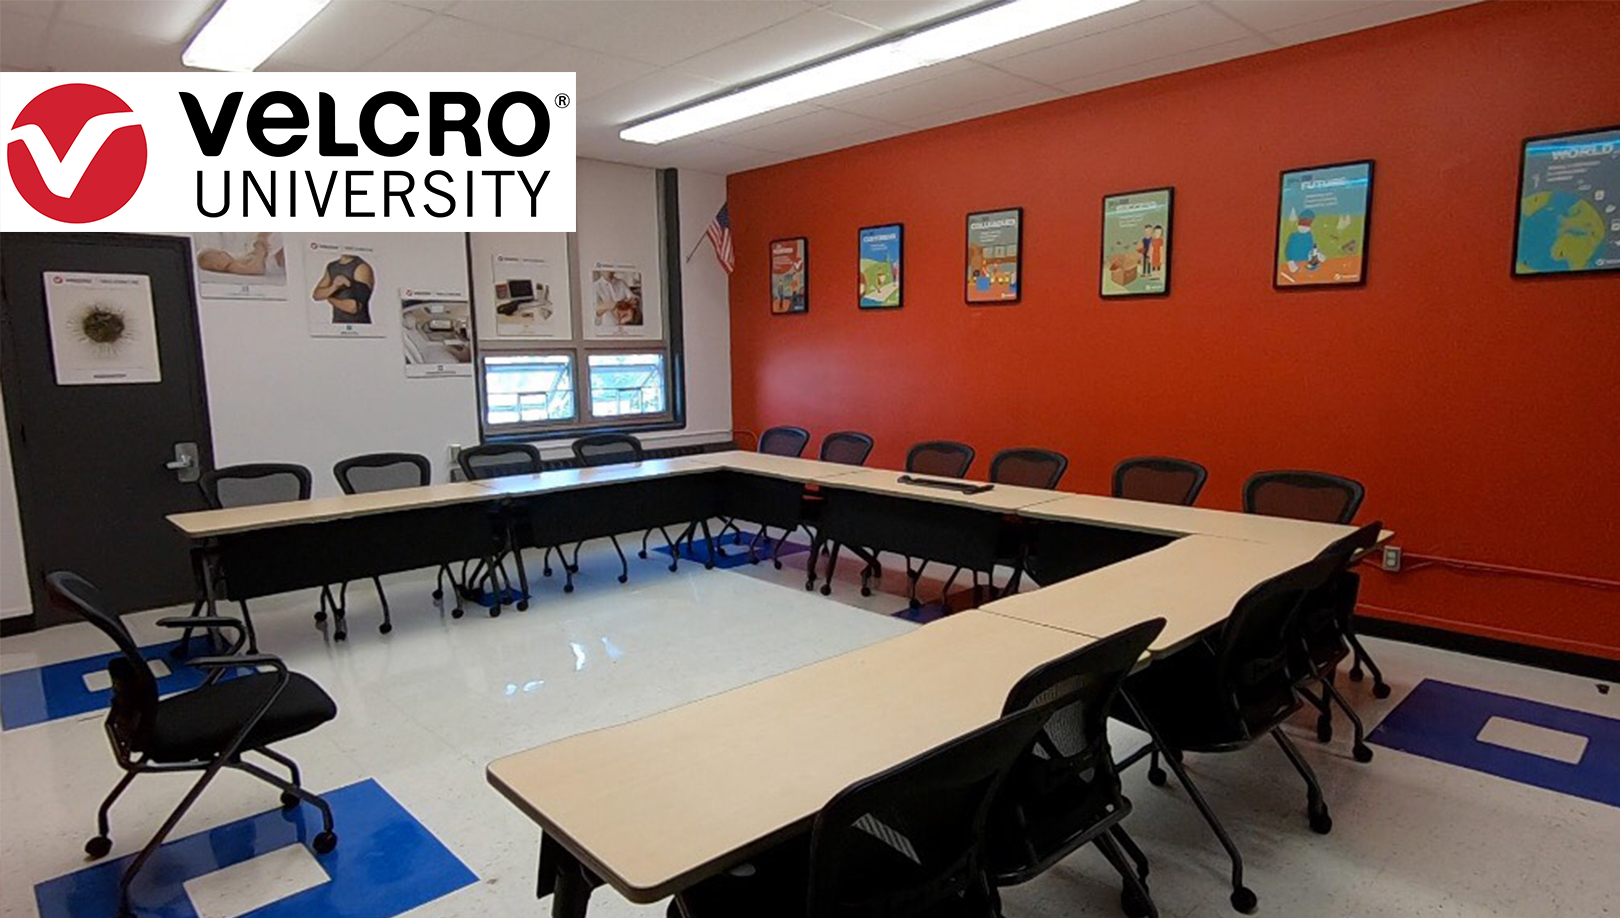 Velcro University Classroom